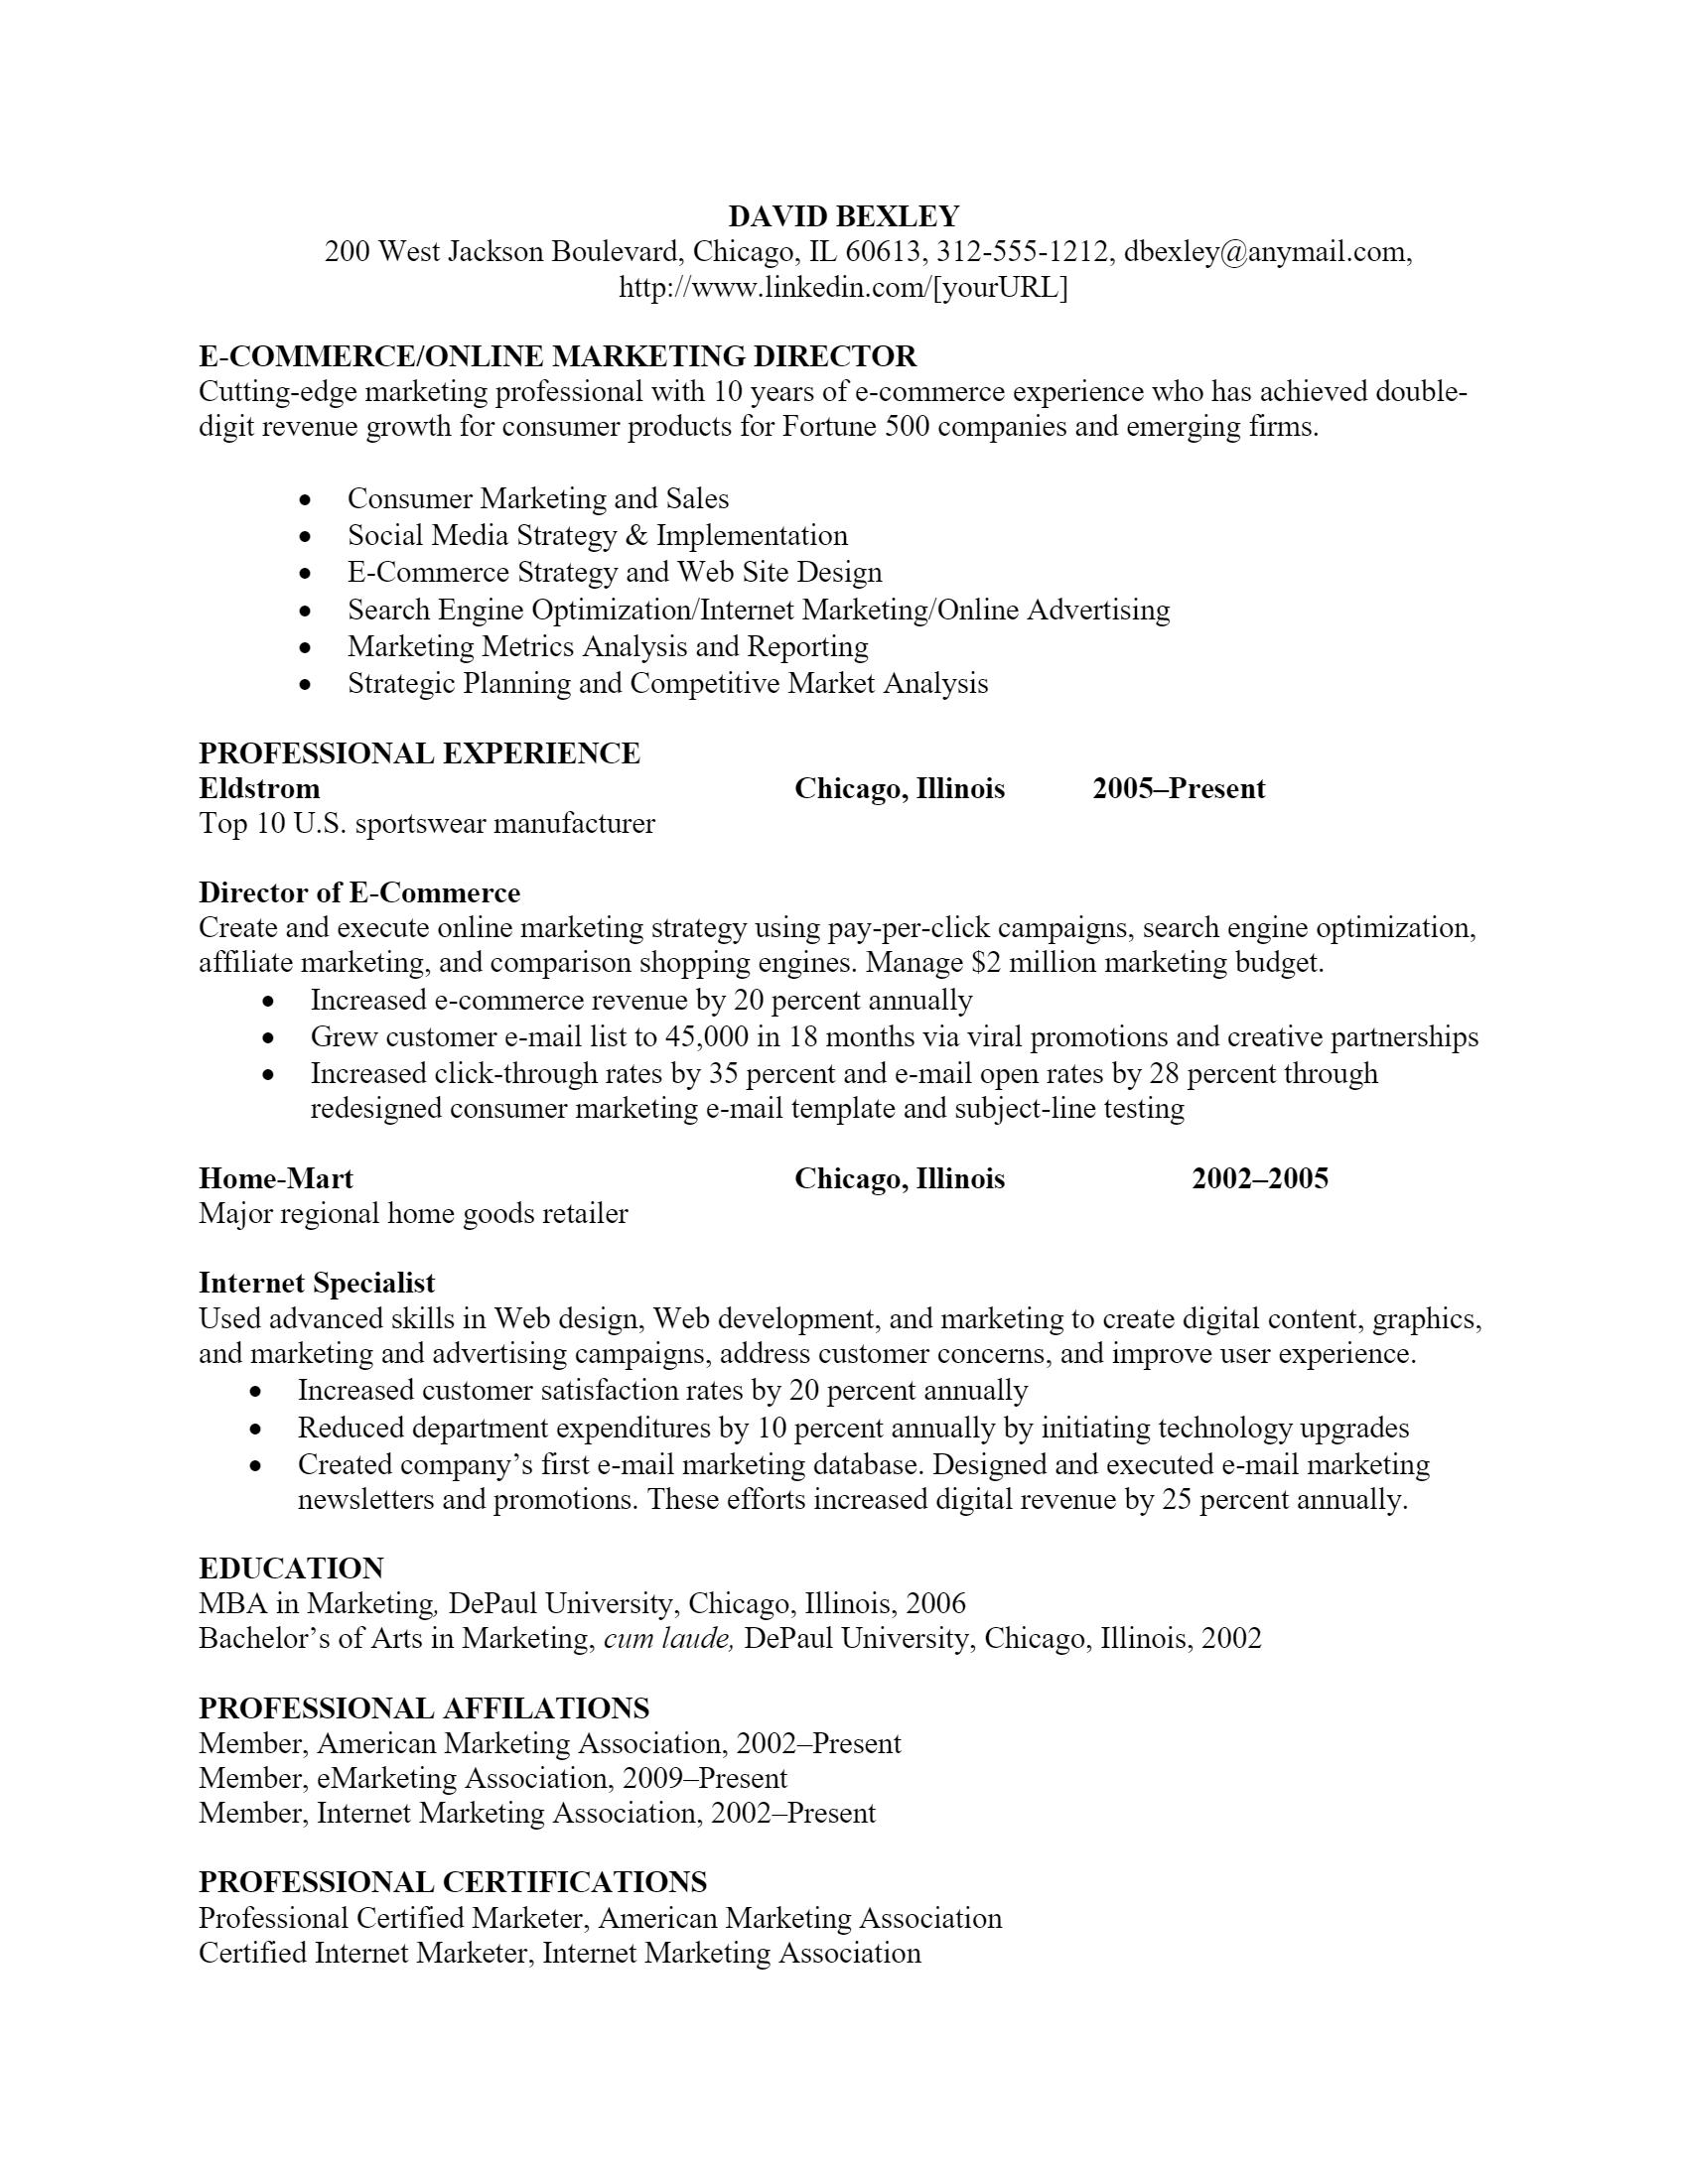 Marketing Director Resume > Marketing Director Resume .Docx (Word)